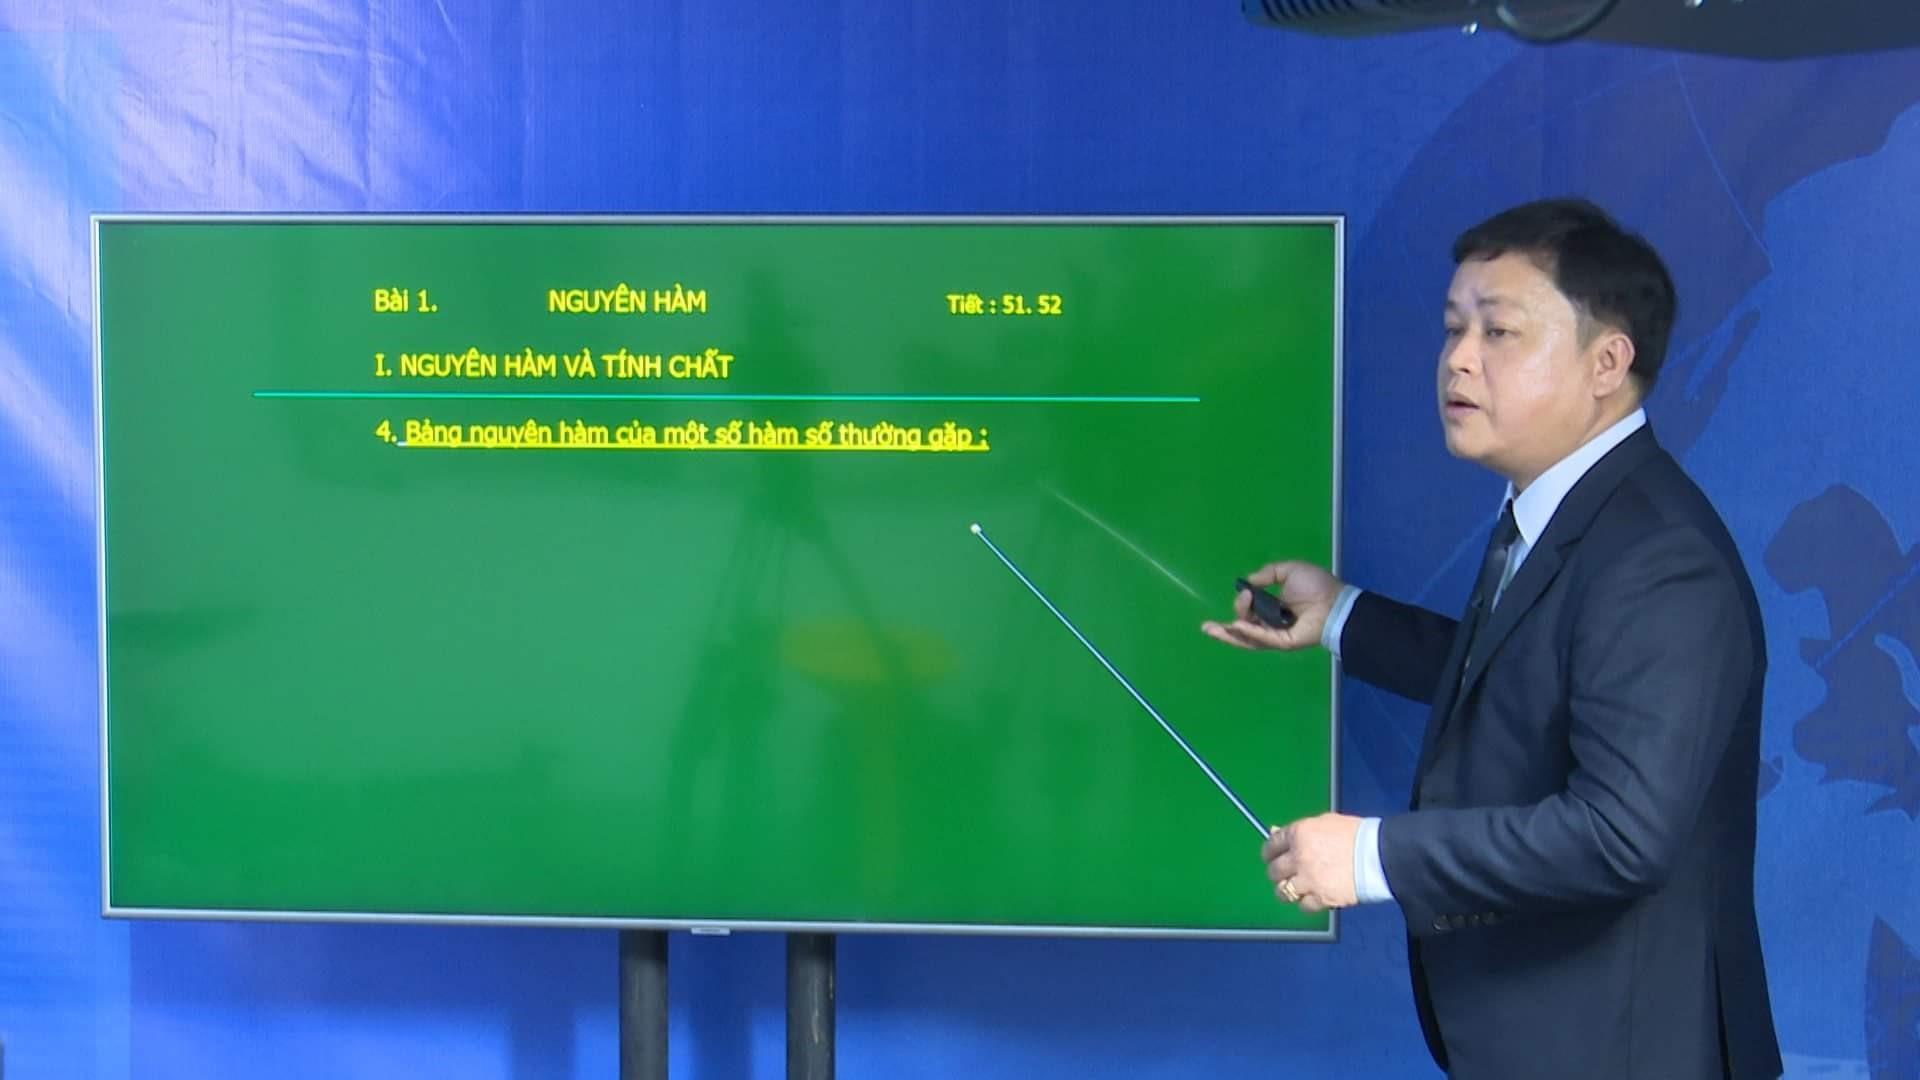 Thầy giáo Diệp Tình - giáo viên bộ môn Toán Trường THPT chuyên Nguyễn Bỉnh Khiêm tham gia chương trình dạy học trên truyền hình. Ảnh: H.A